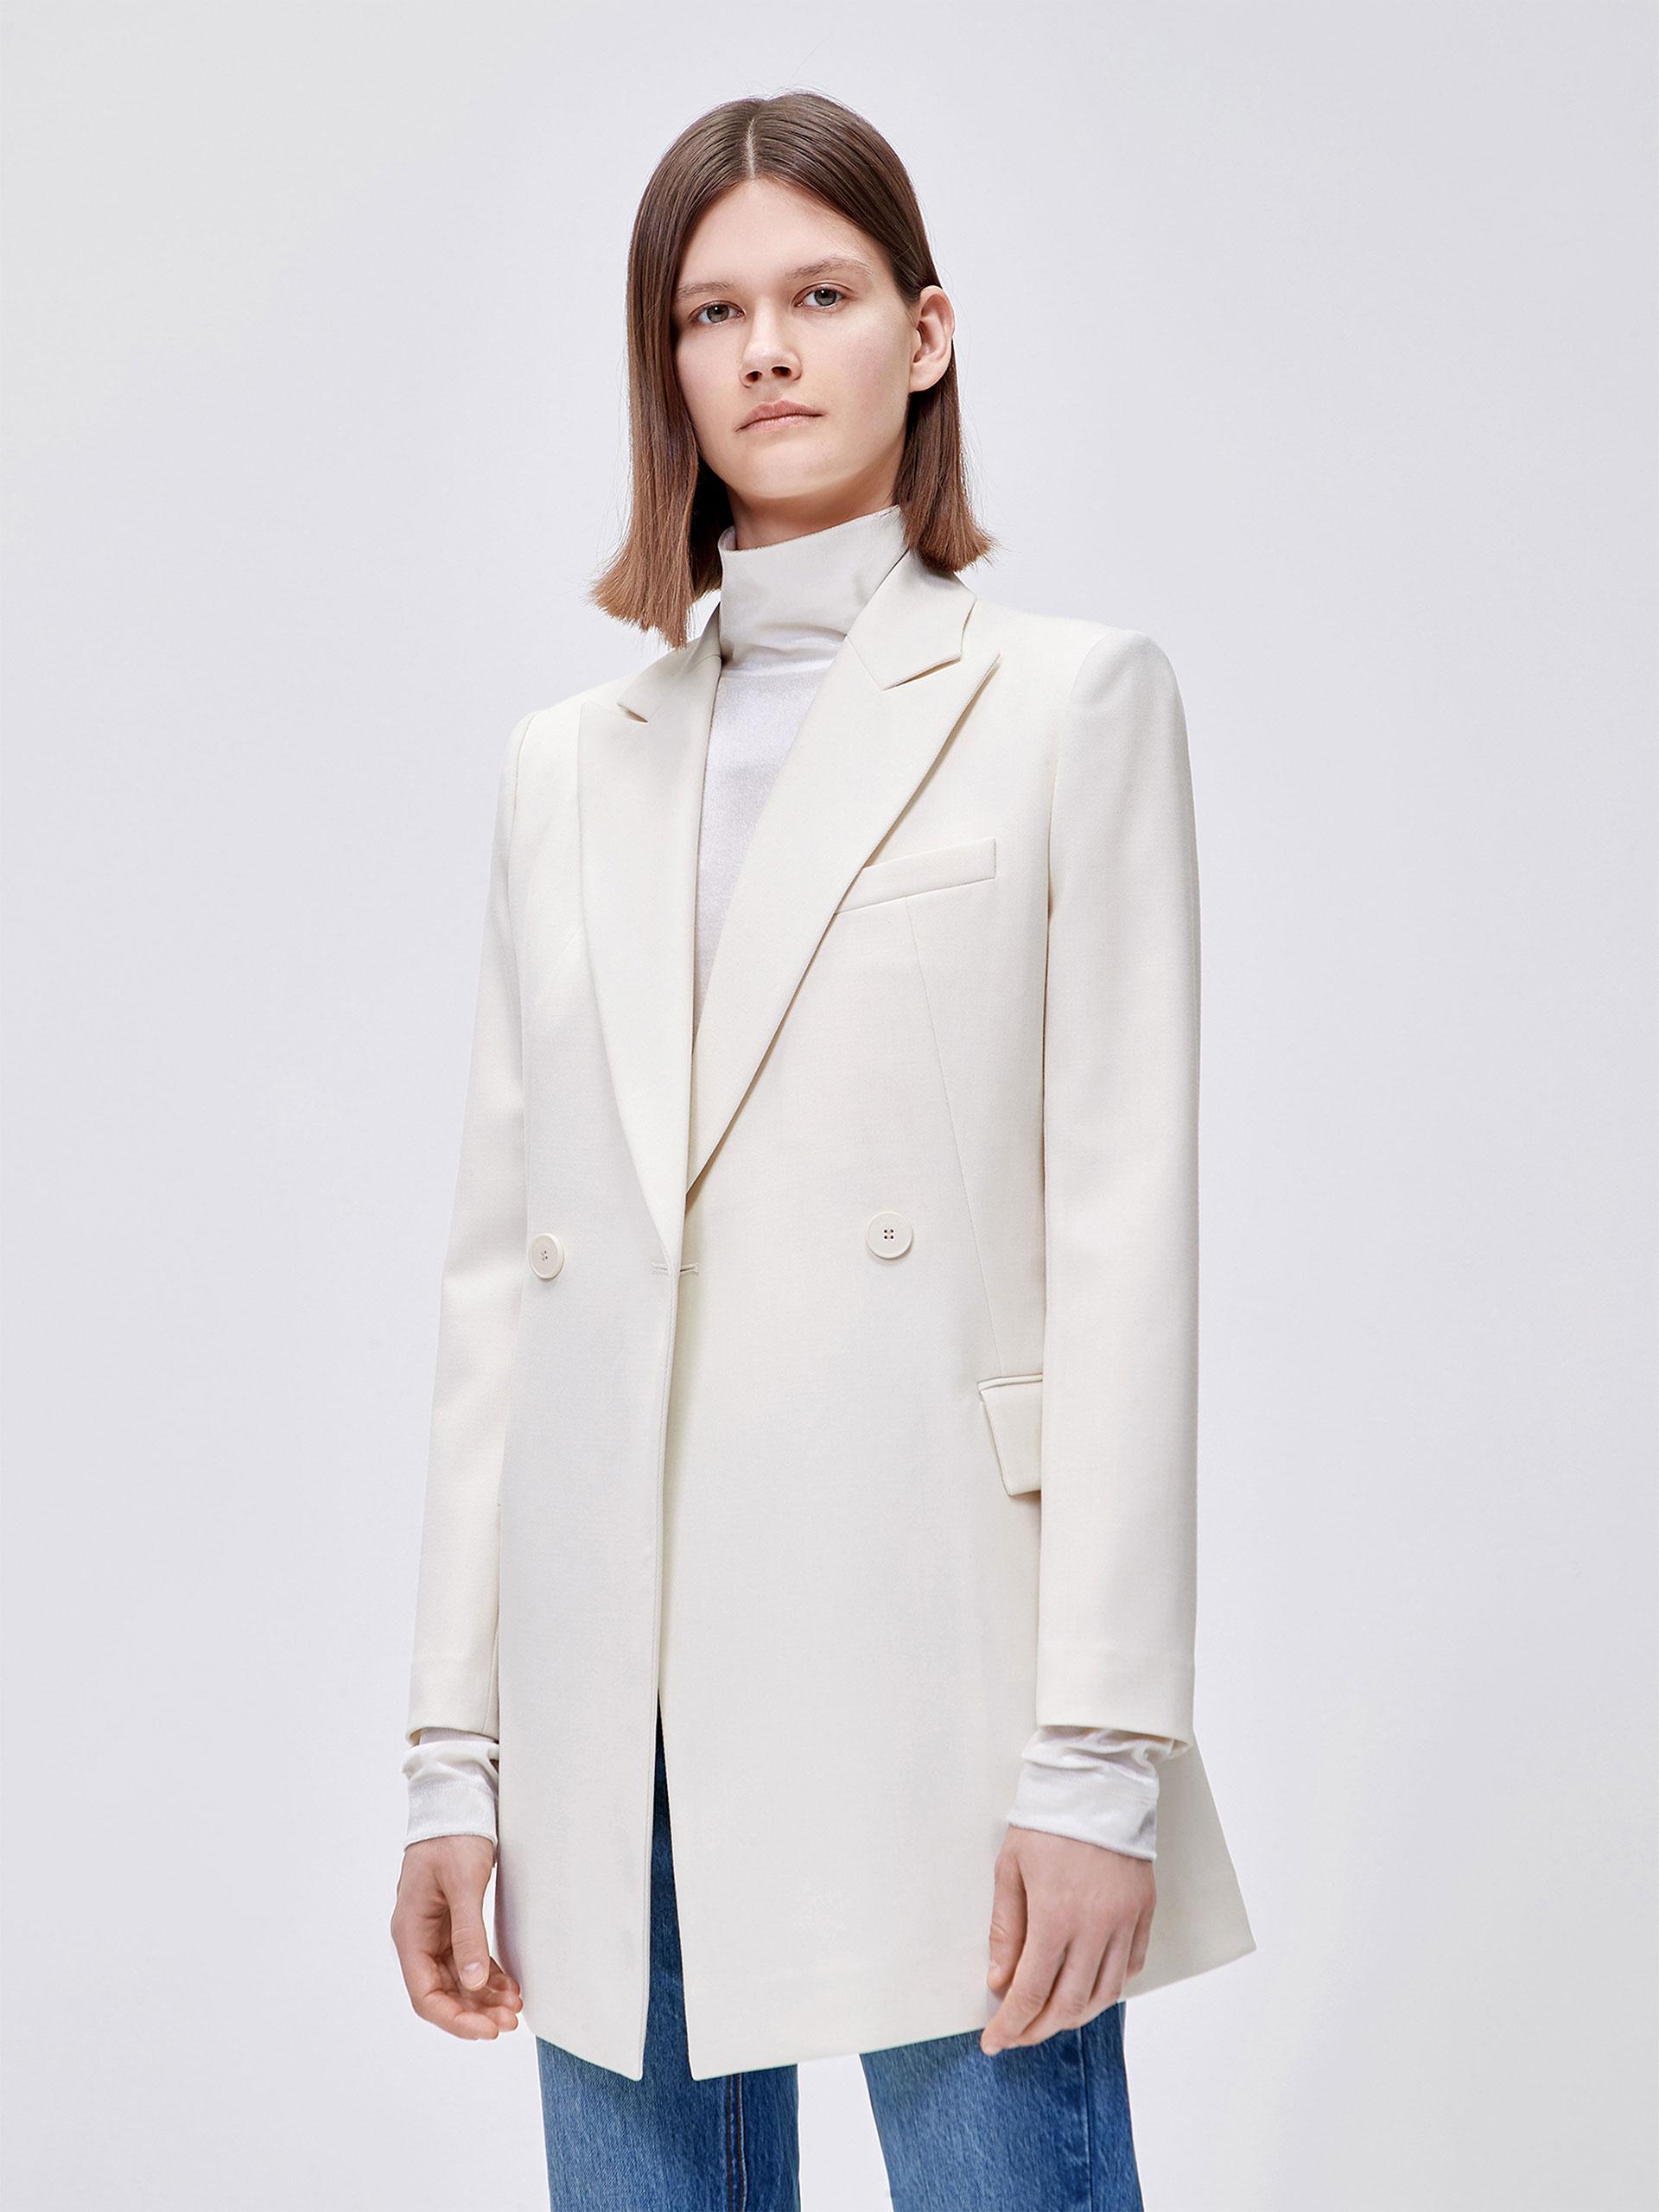 复古双排扣西装外套